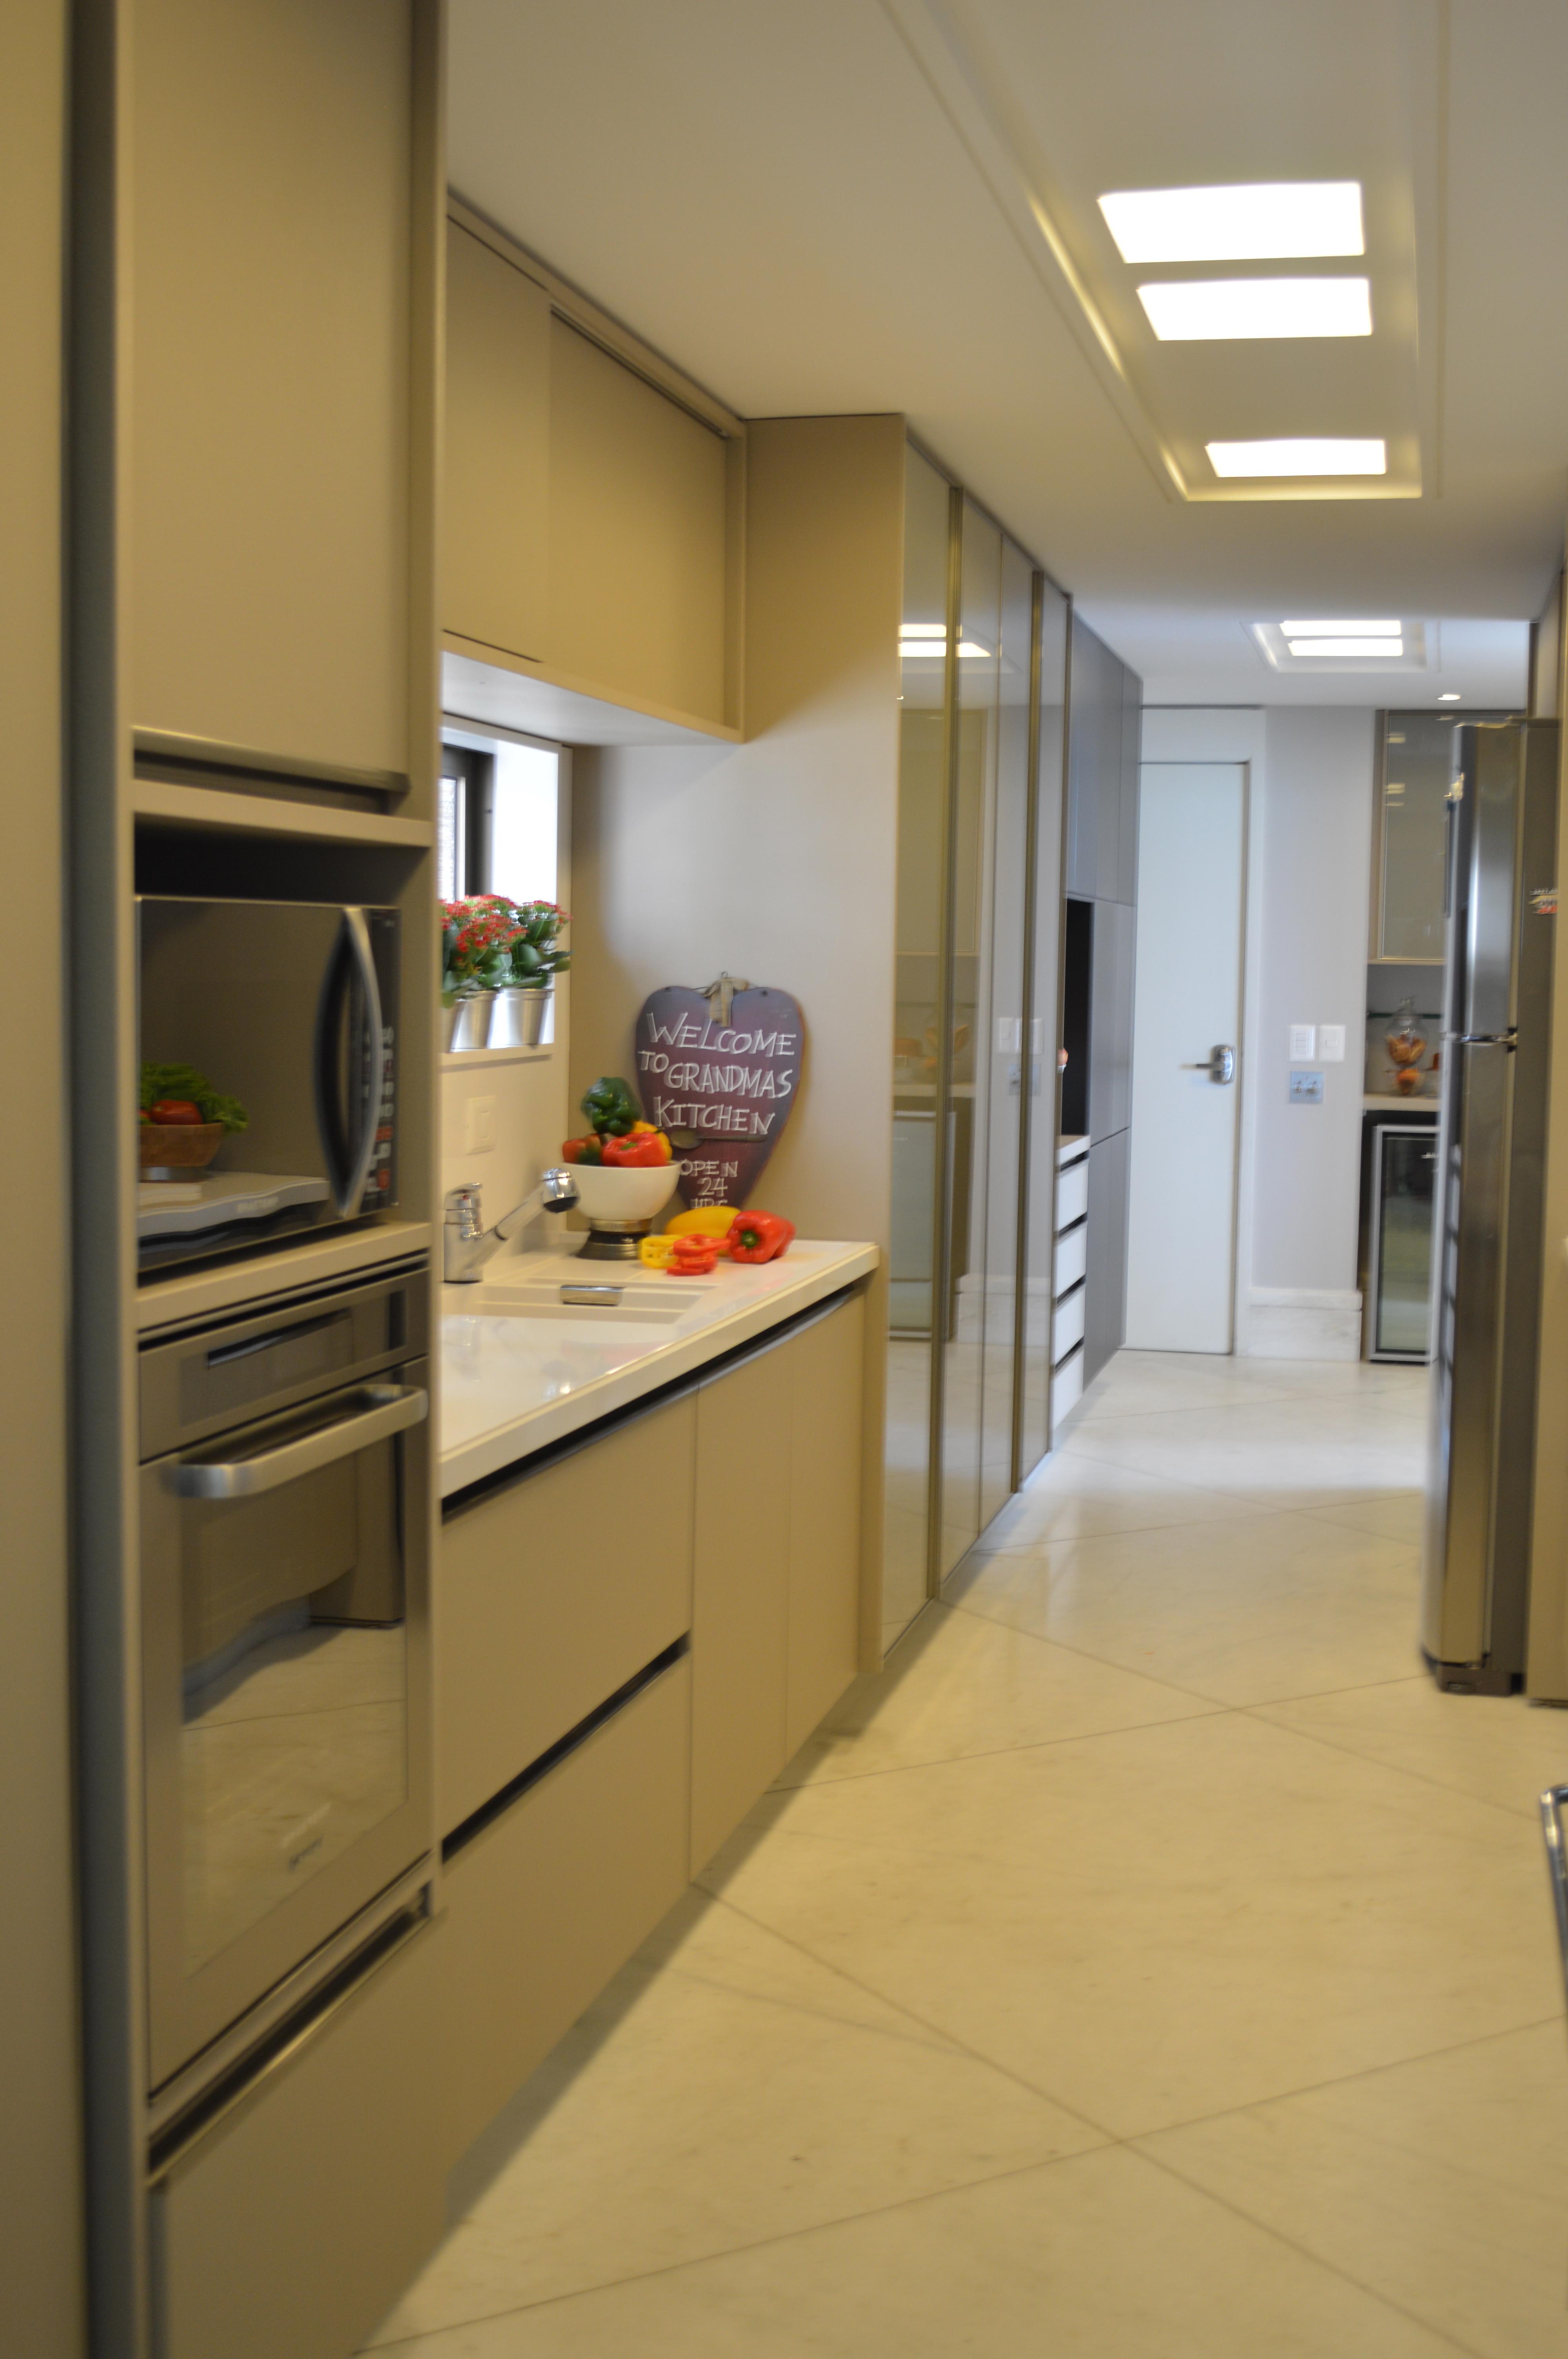 Quase um corredor minha cozinha mas ficou bem funcional. #90723B 4000 6016